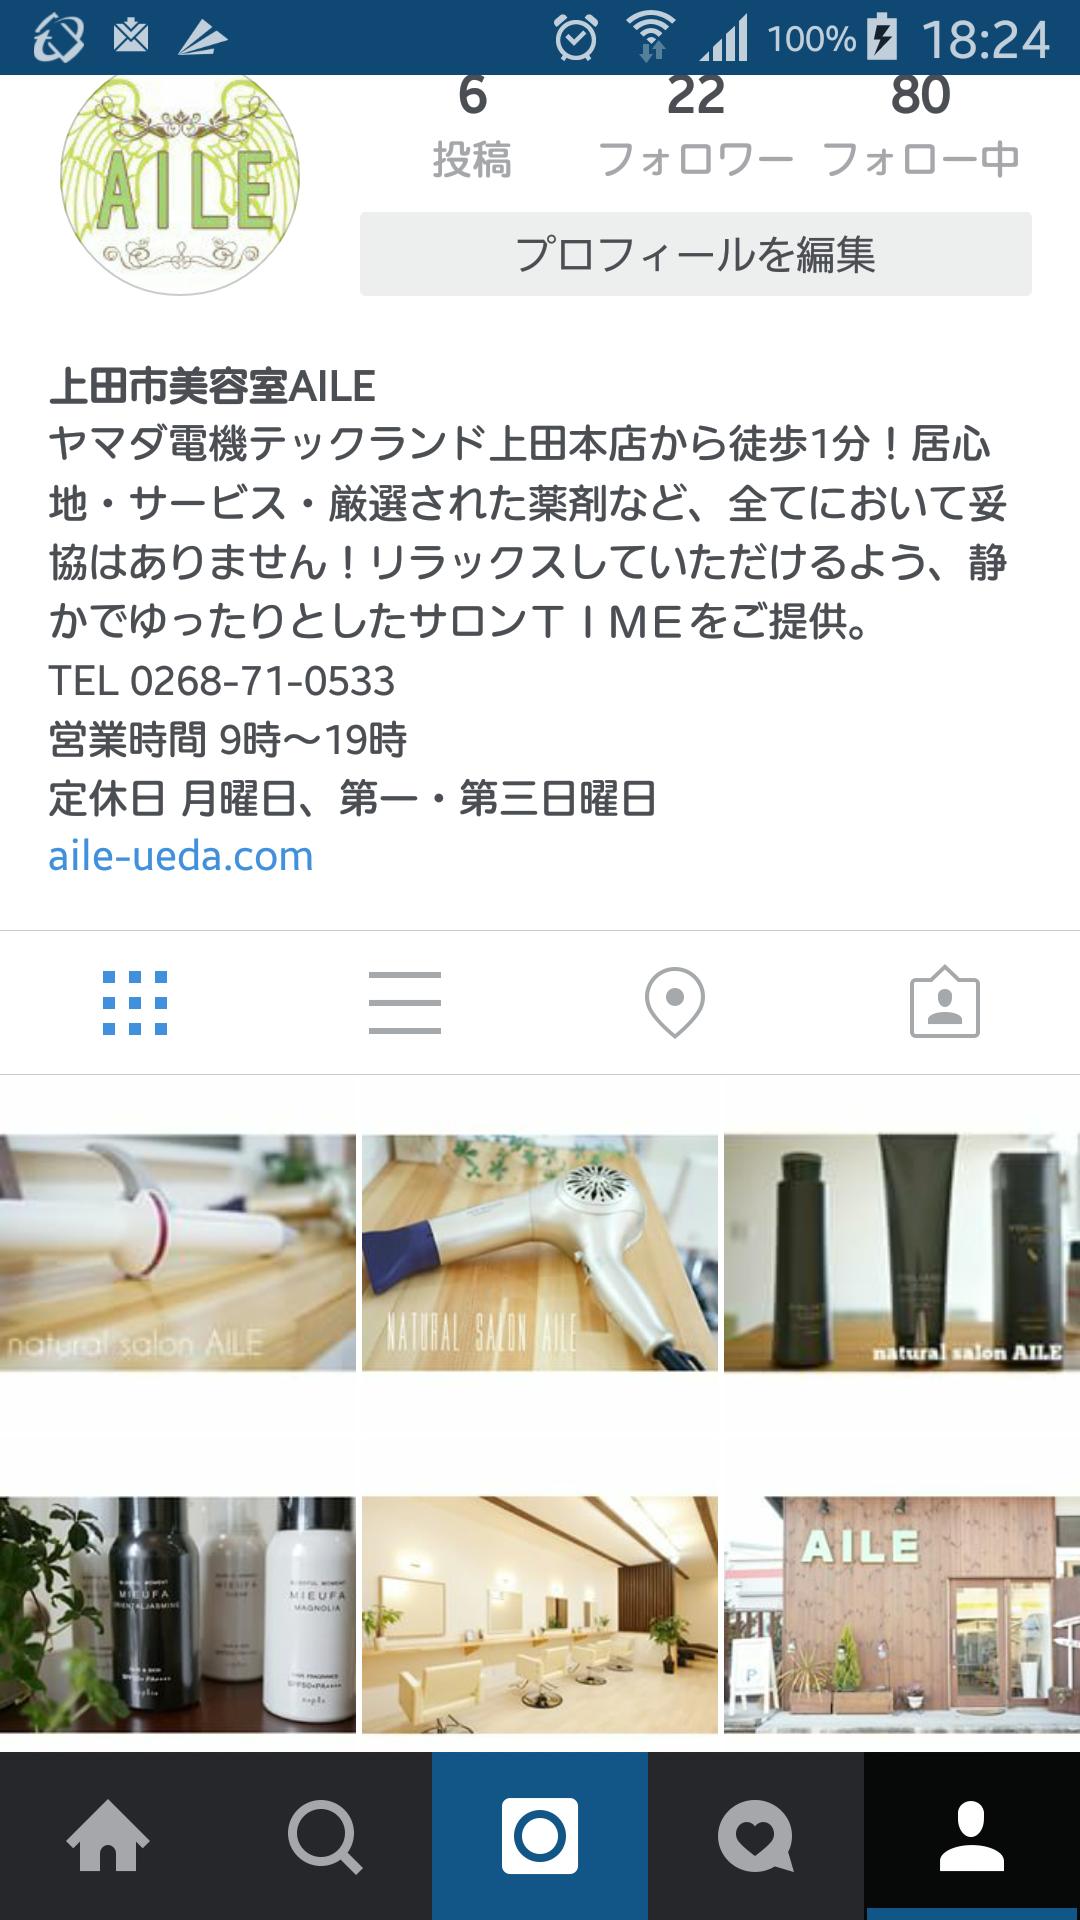 上田市にある美容室AILE(エール)のインスタグラム